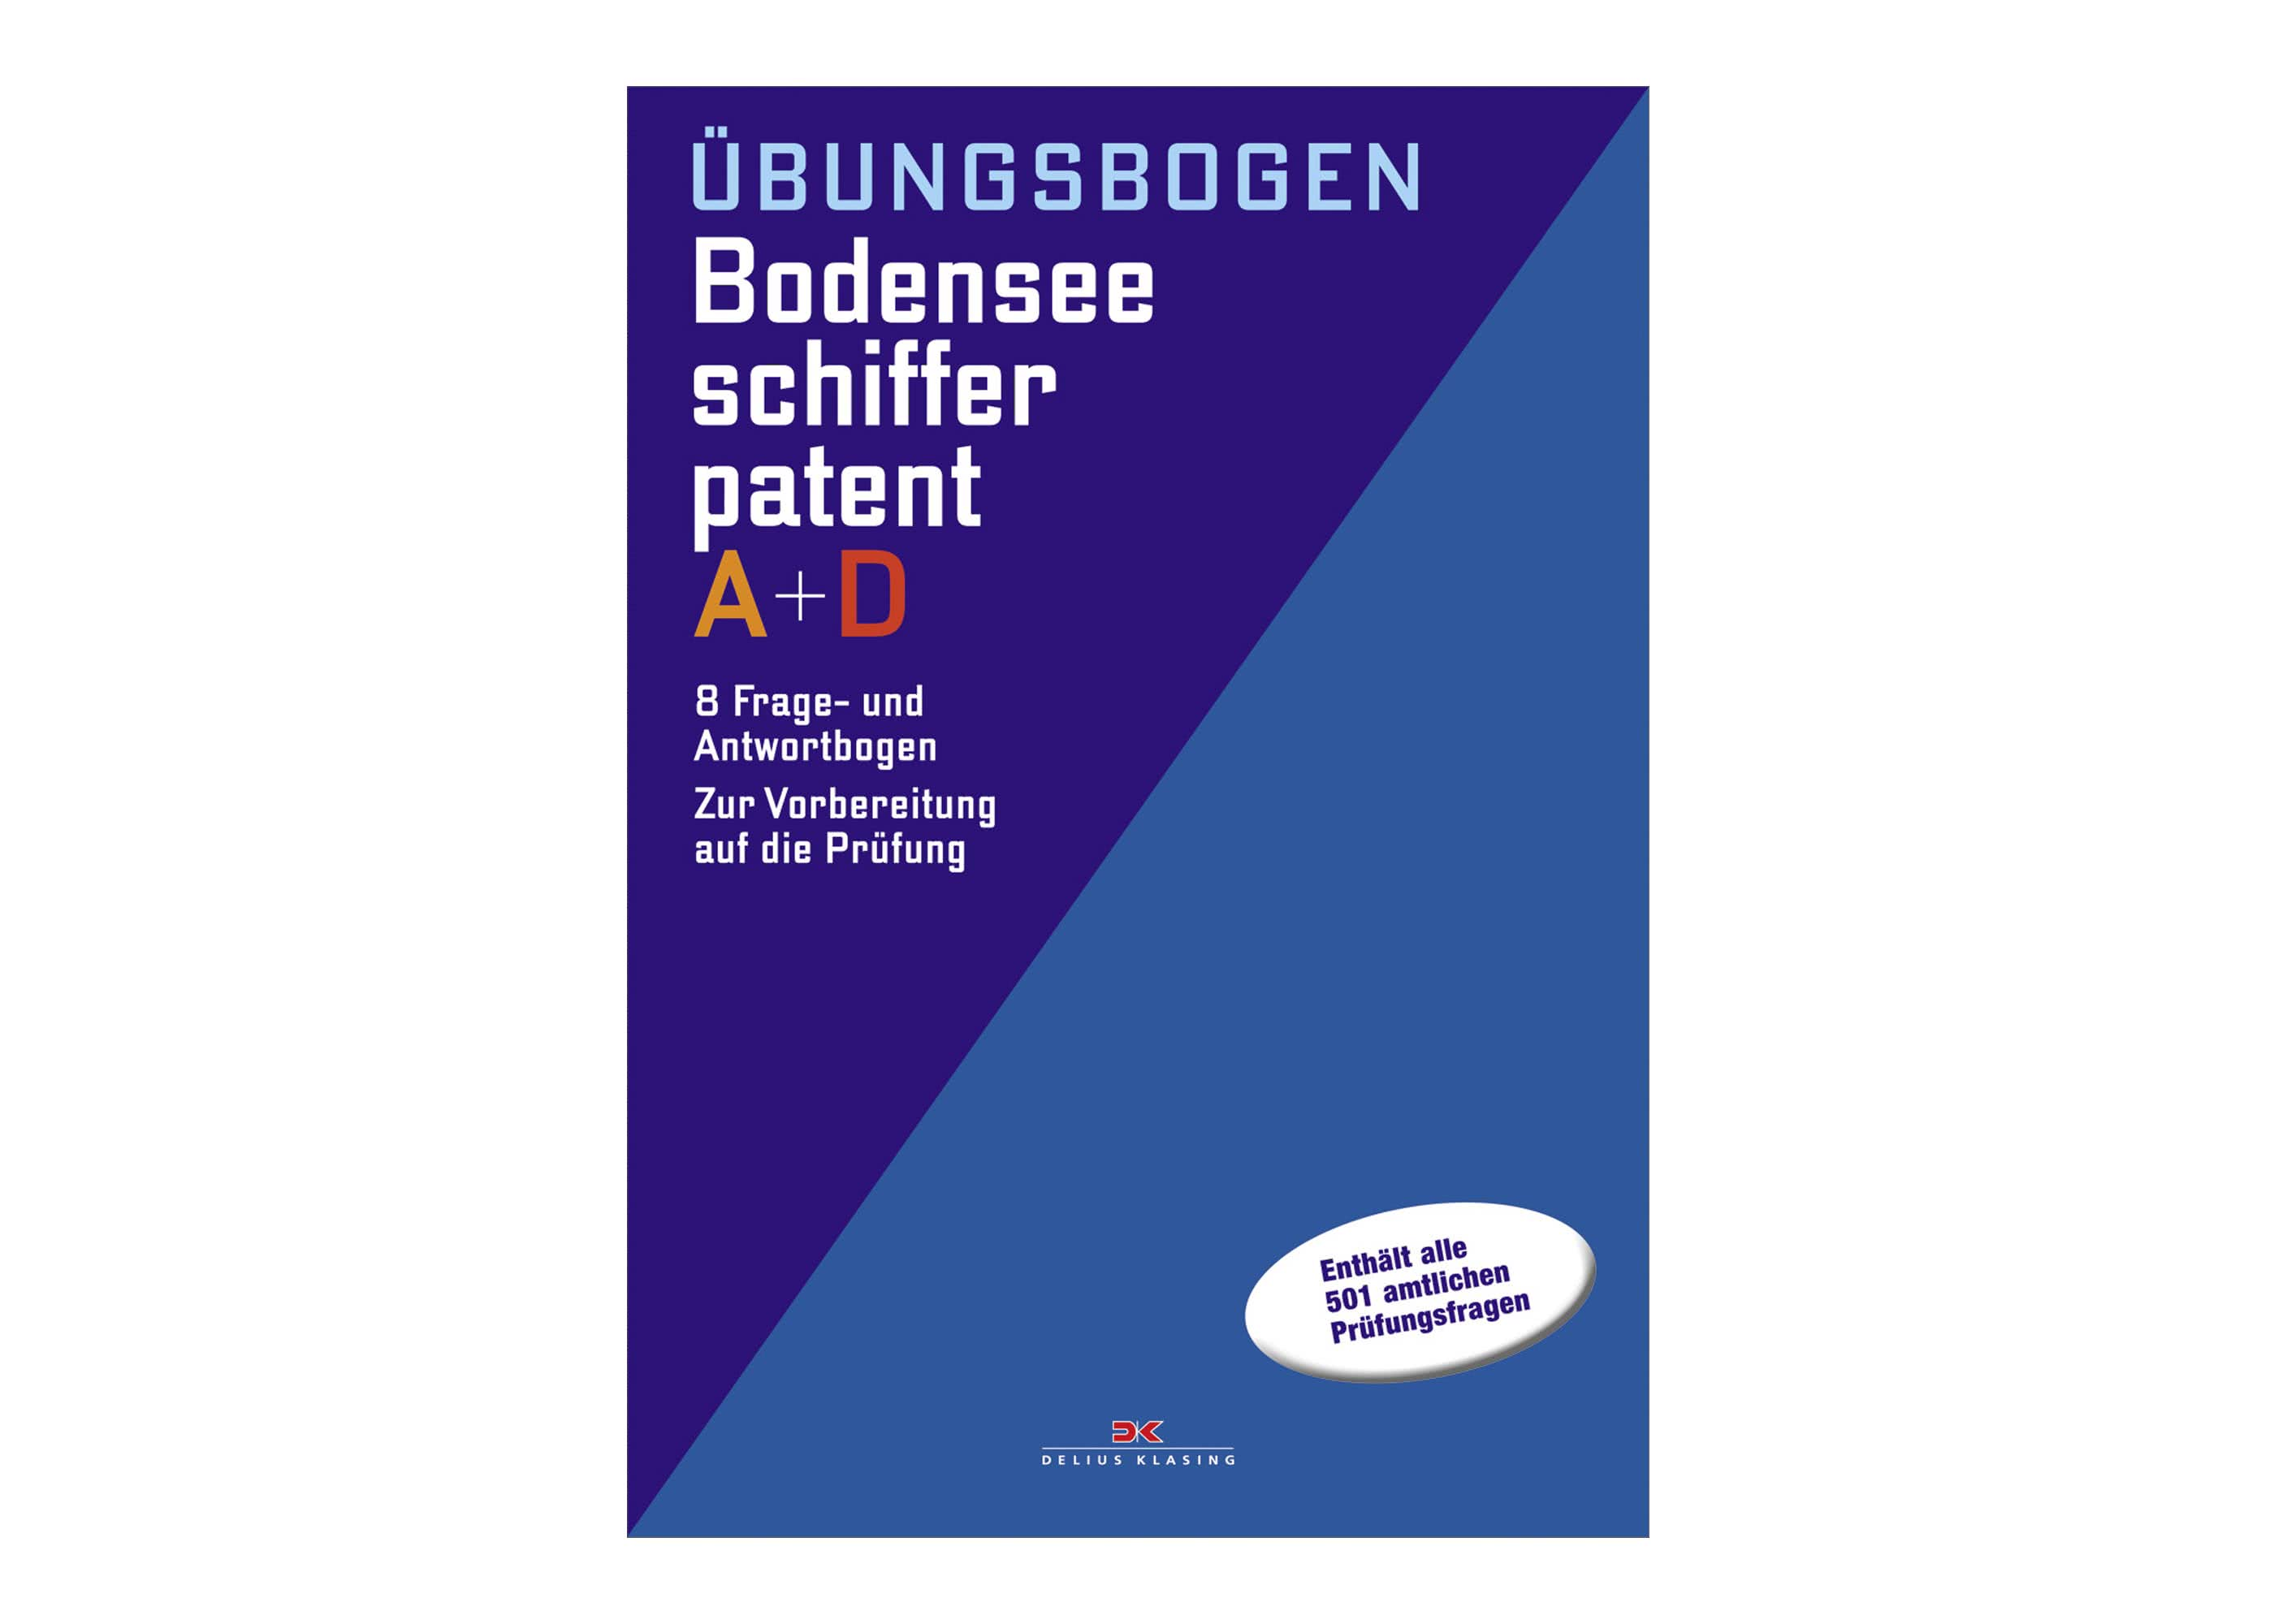 77530_DK_uebungsbogen_bodenseeschifferpatent.jpg